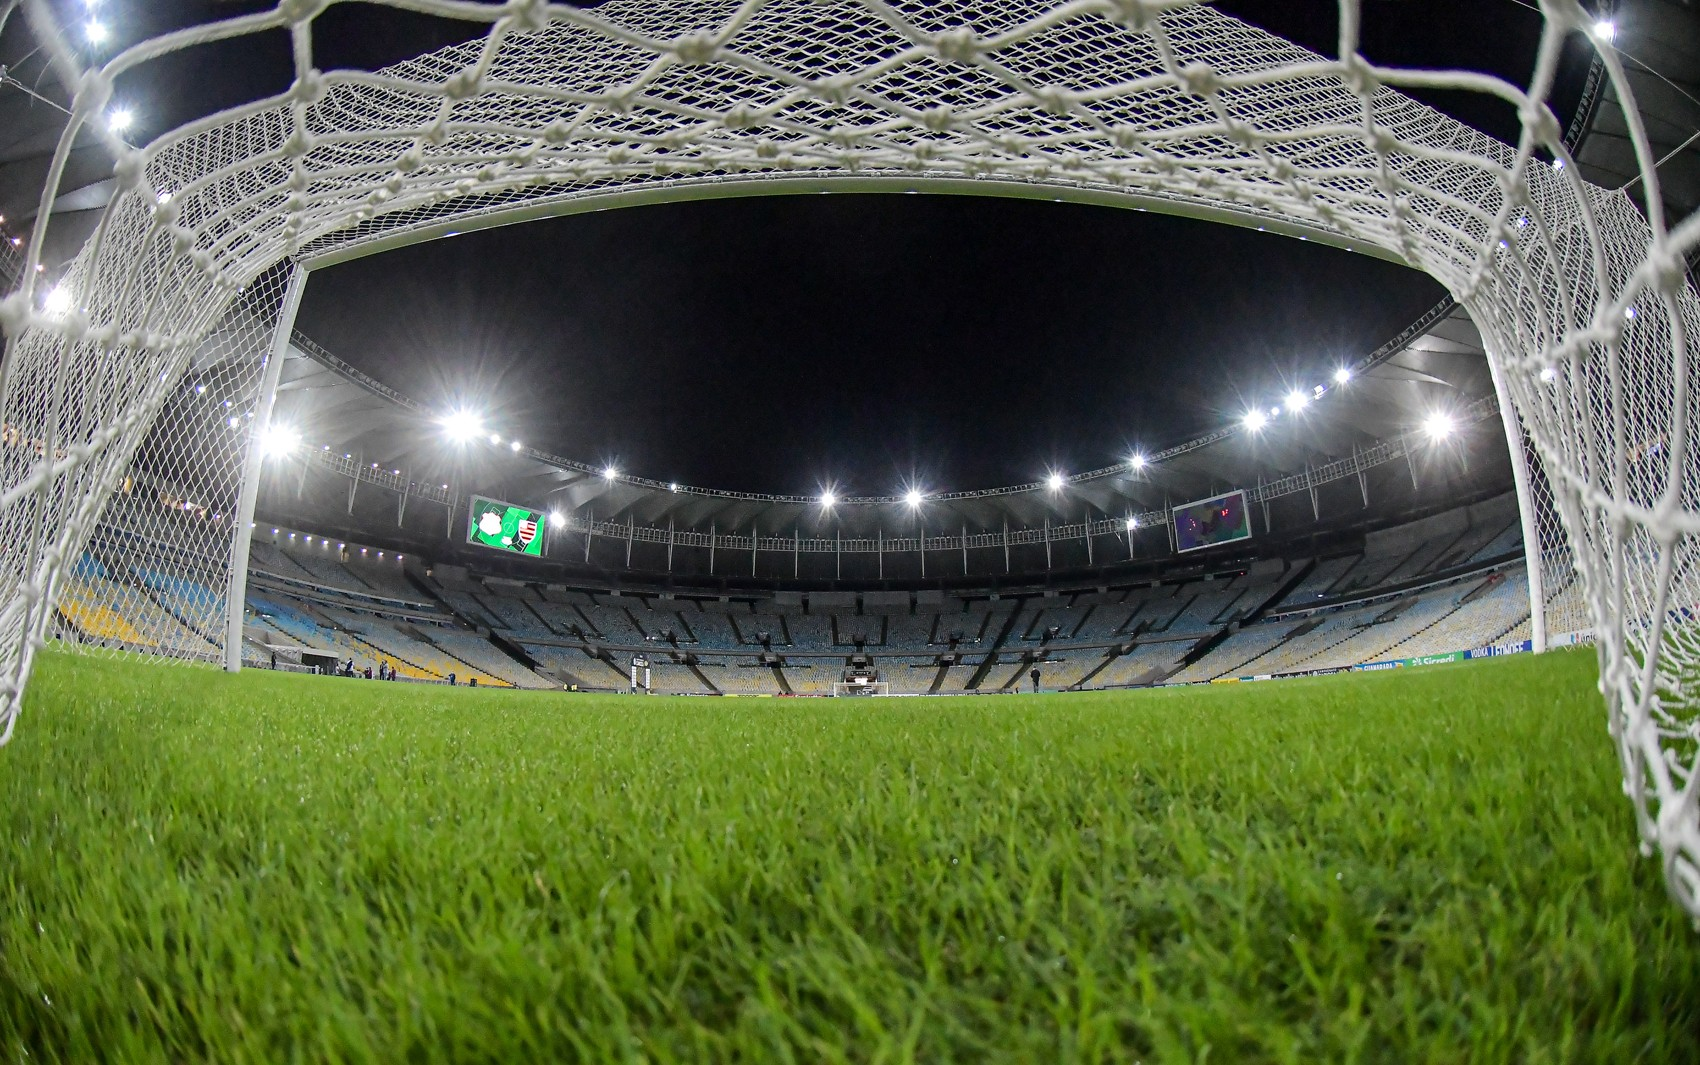 Evento-teste no Maracanã: veja o que o torcedor precisa apresentar para entrar e esquemas especiais do metrô e do estádio